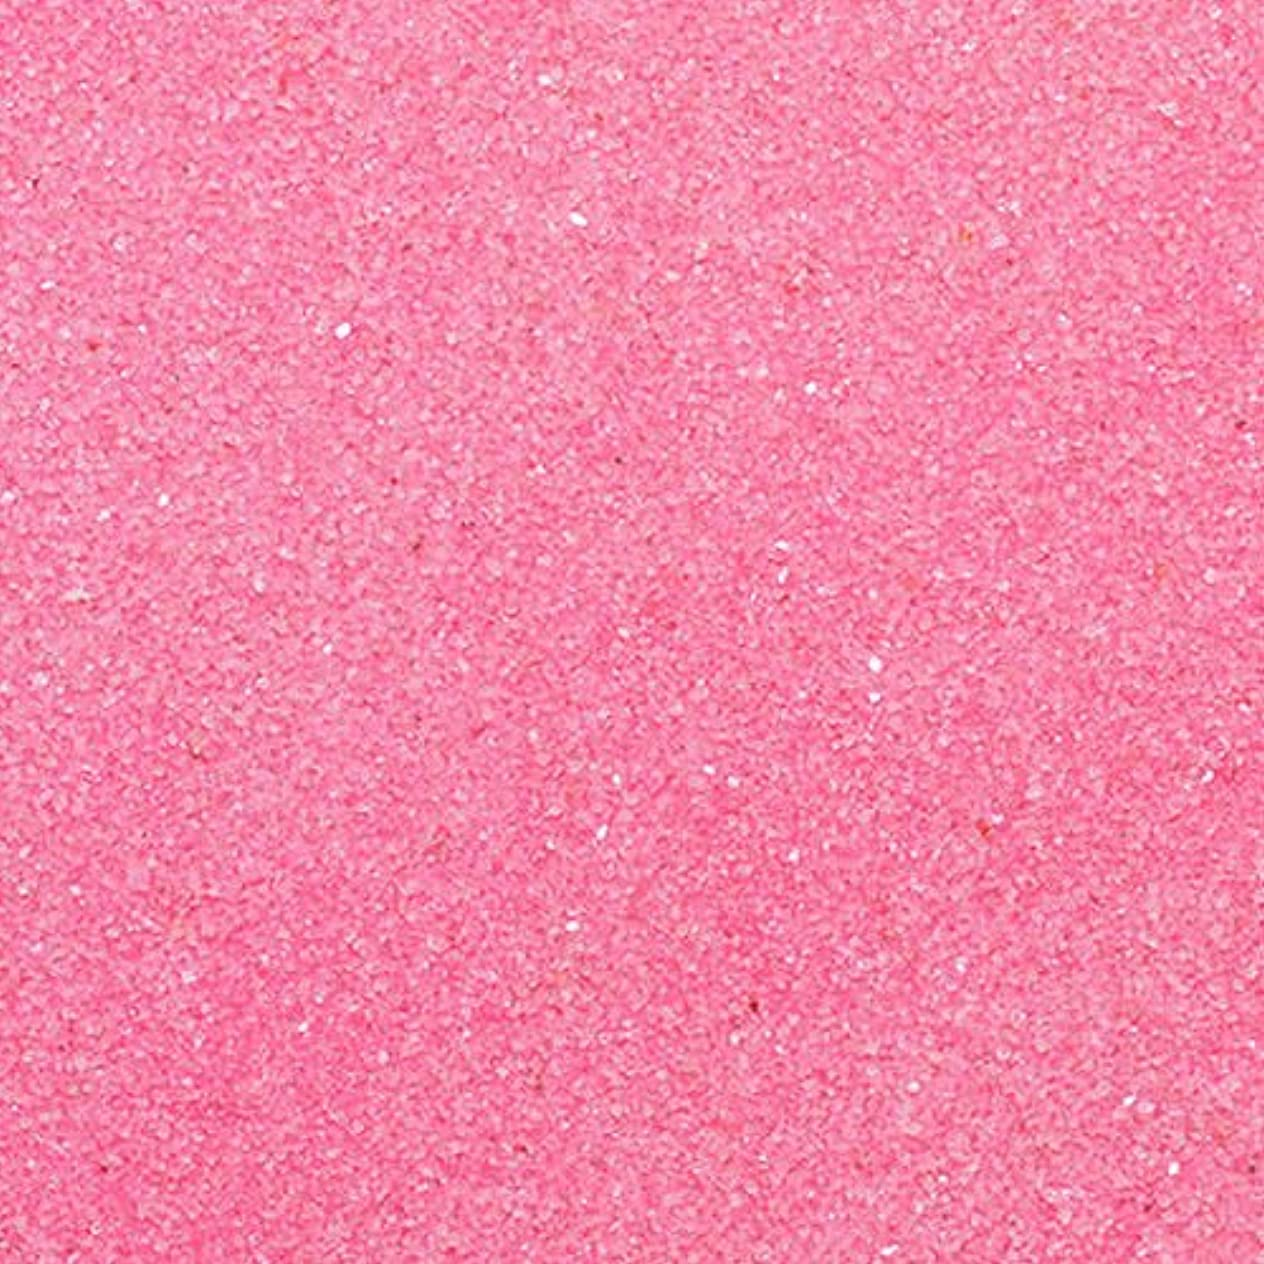 ホステス委託モバイル16ozピンクバルクカラー樹脂Incense Burner熱吸収/ Decorating Sandアート